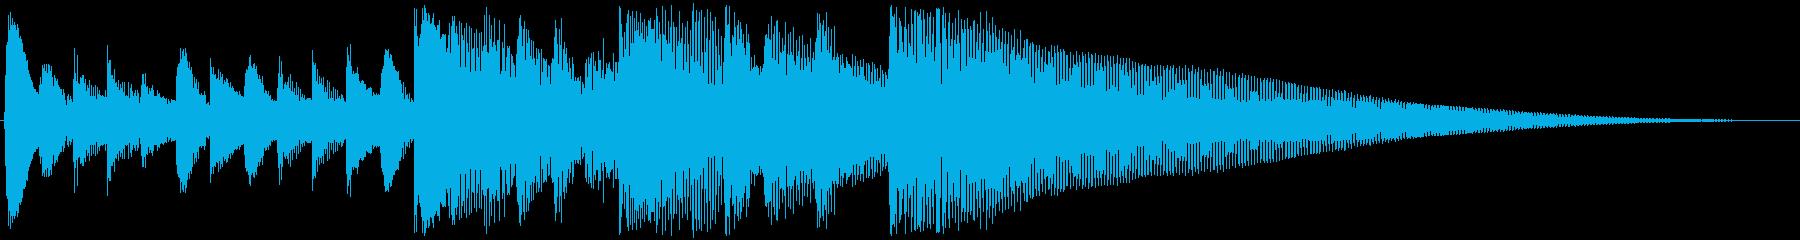 爽やかなゲームオーバーサウンドの再生済みの波形